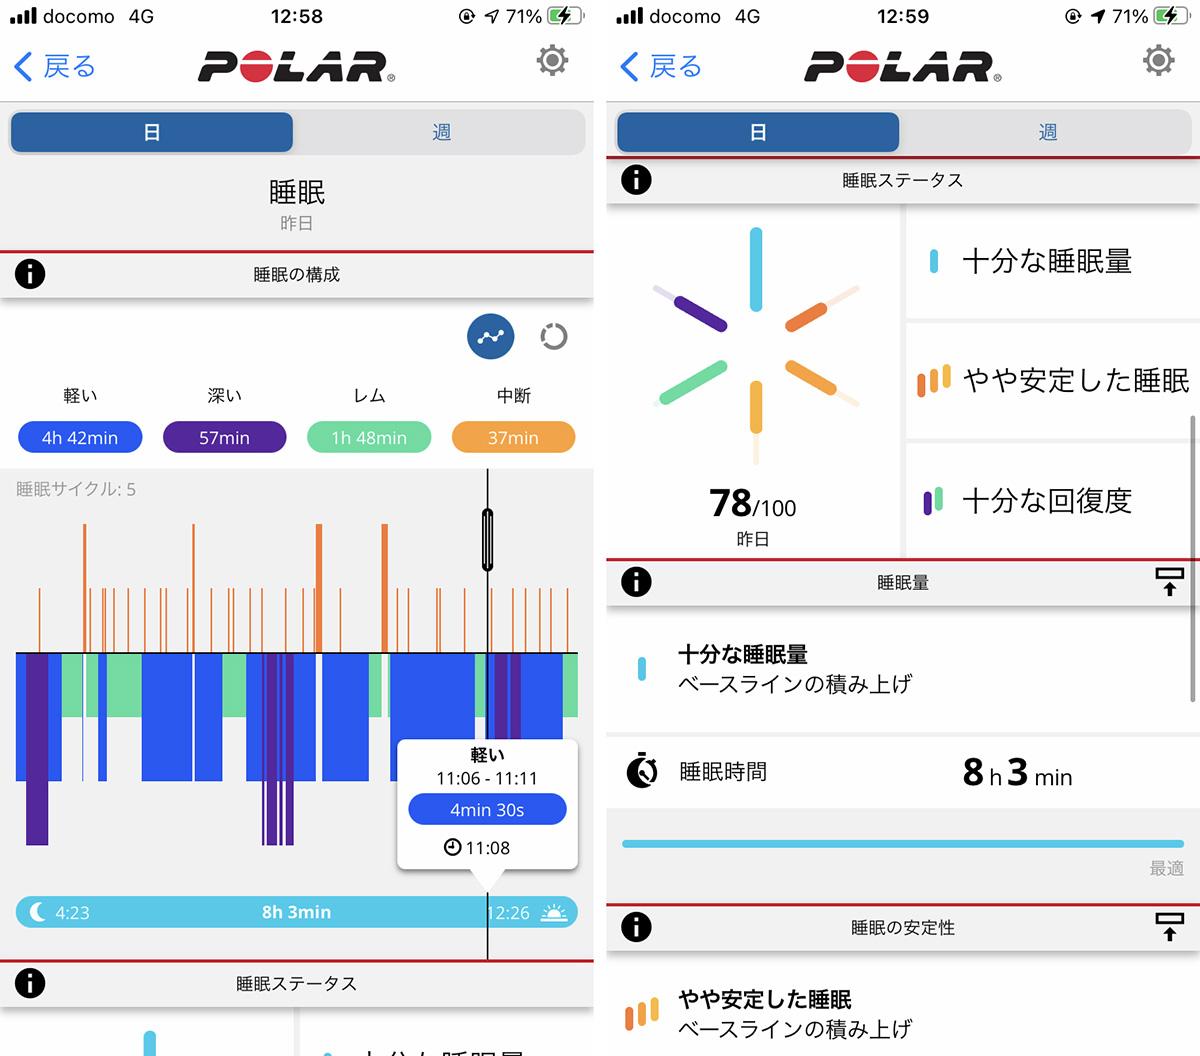 Polar Grit Xのアプリ画面画像